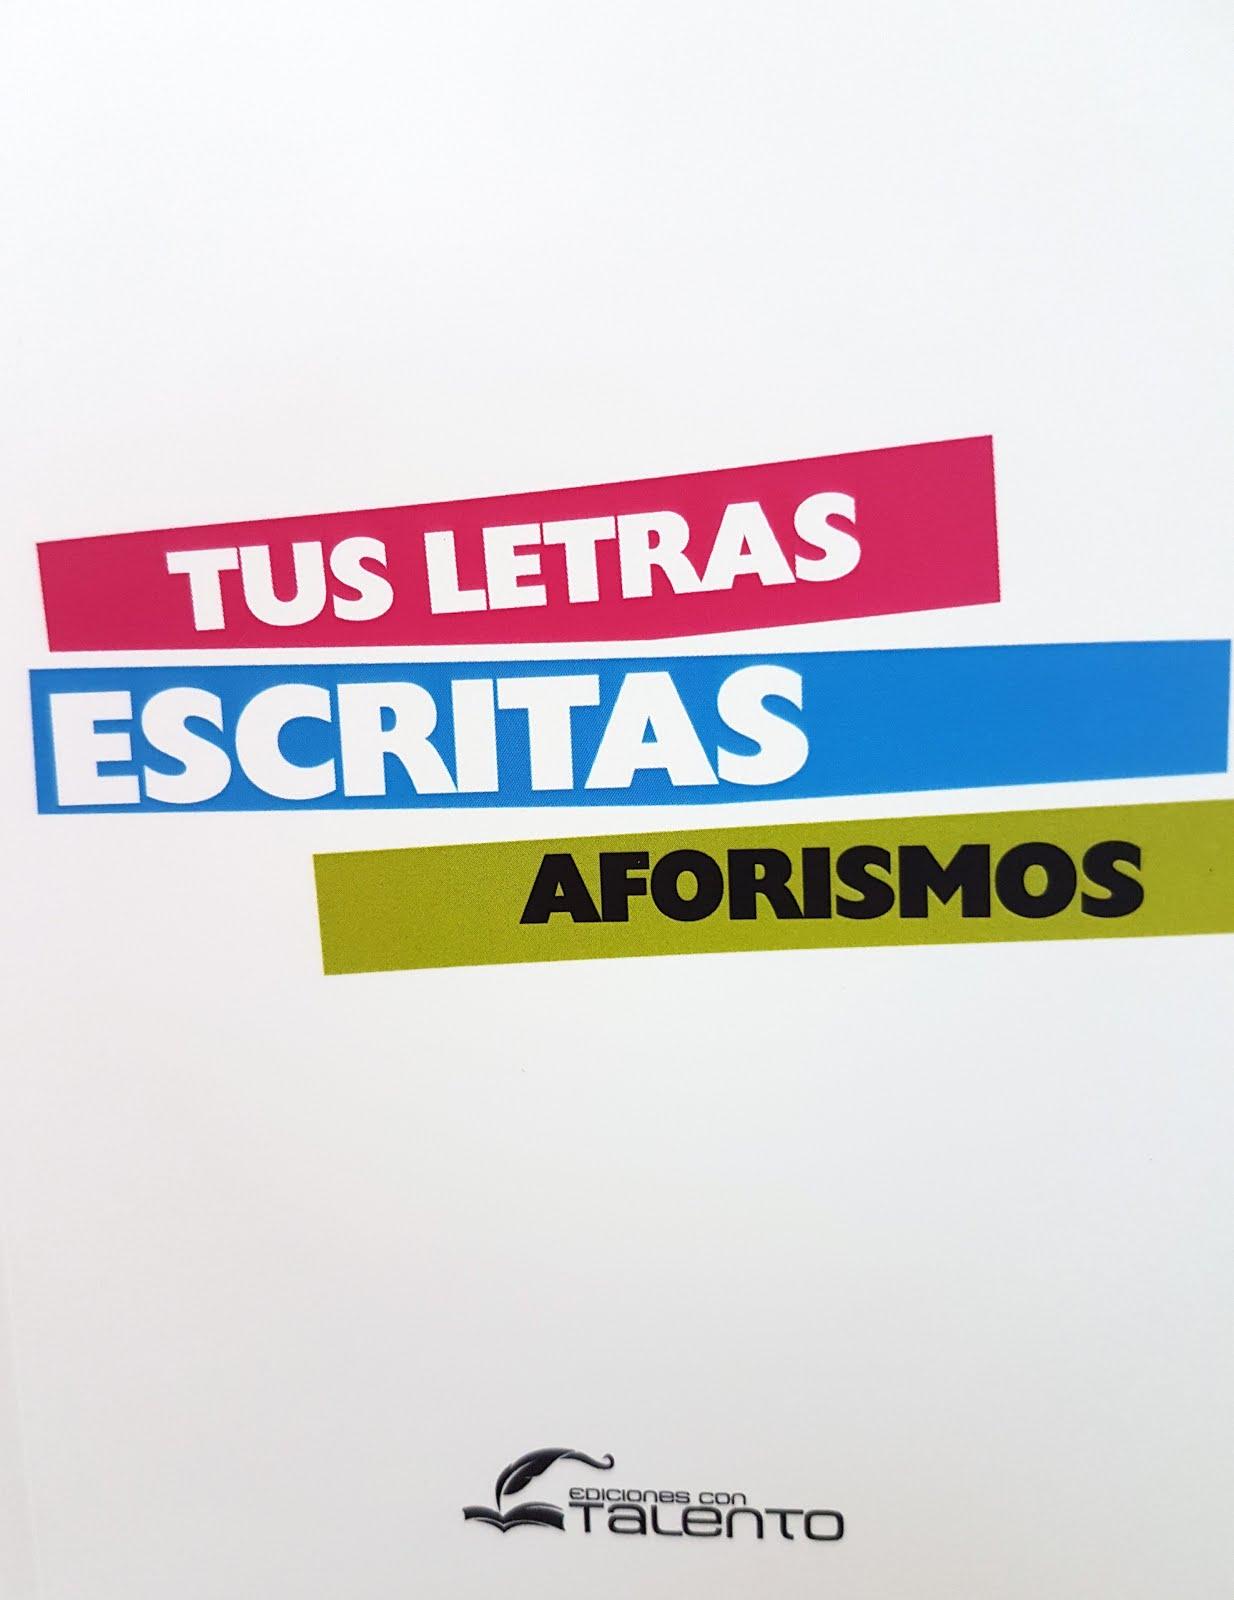 TUS LETRAS ESCRITAS / AFORISMOS